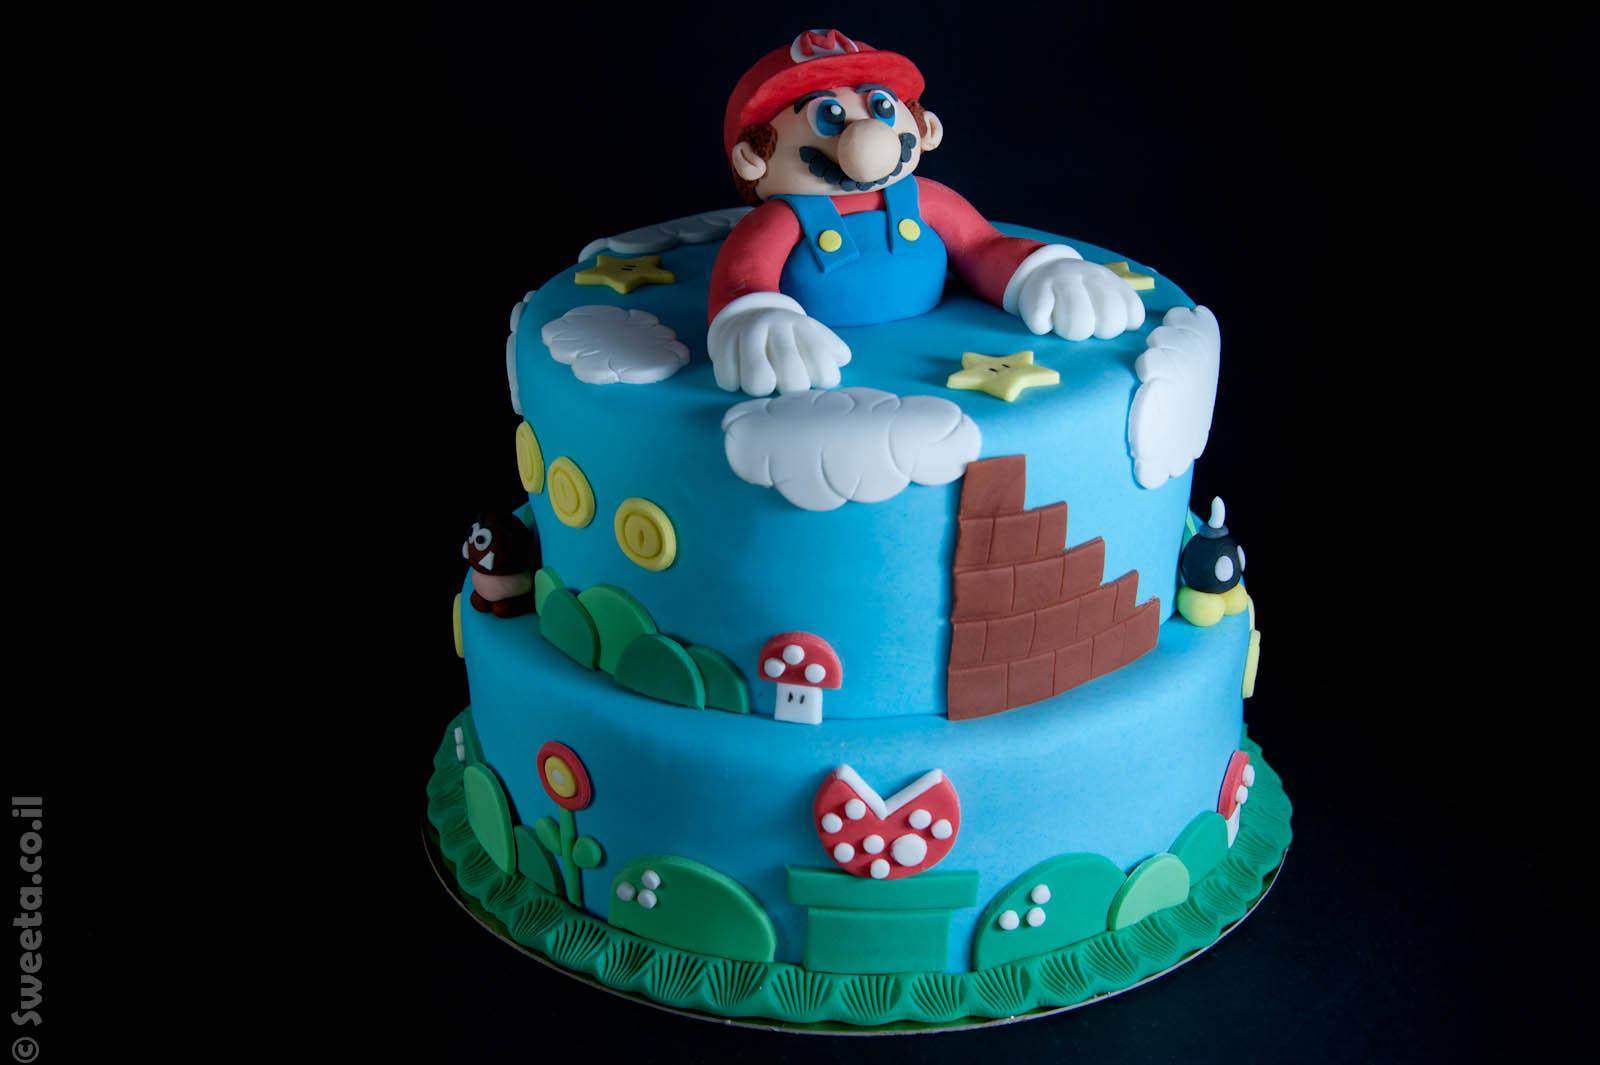 עוגה של סופר מריו קומותיים ליום הולדת מעוצבת בבצק סוכר עם קישוטים מהמשחק